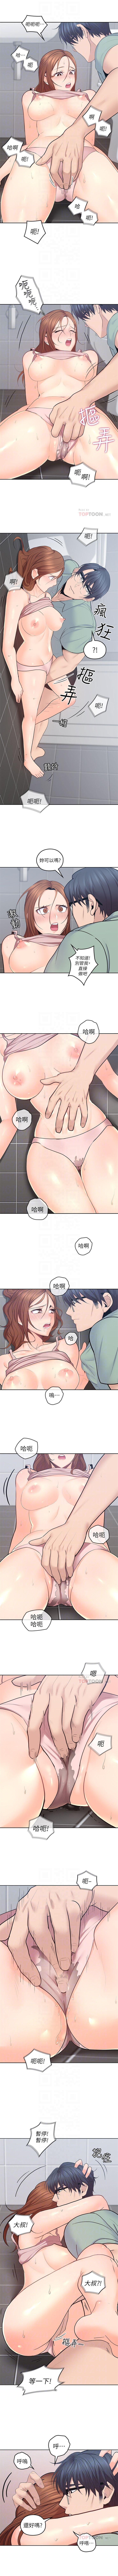 (週4)親愛的大叔 1-39 中文翻譯(更新中) 135